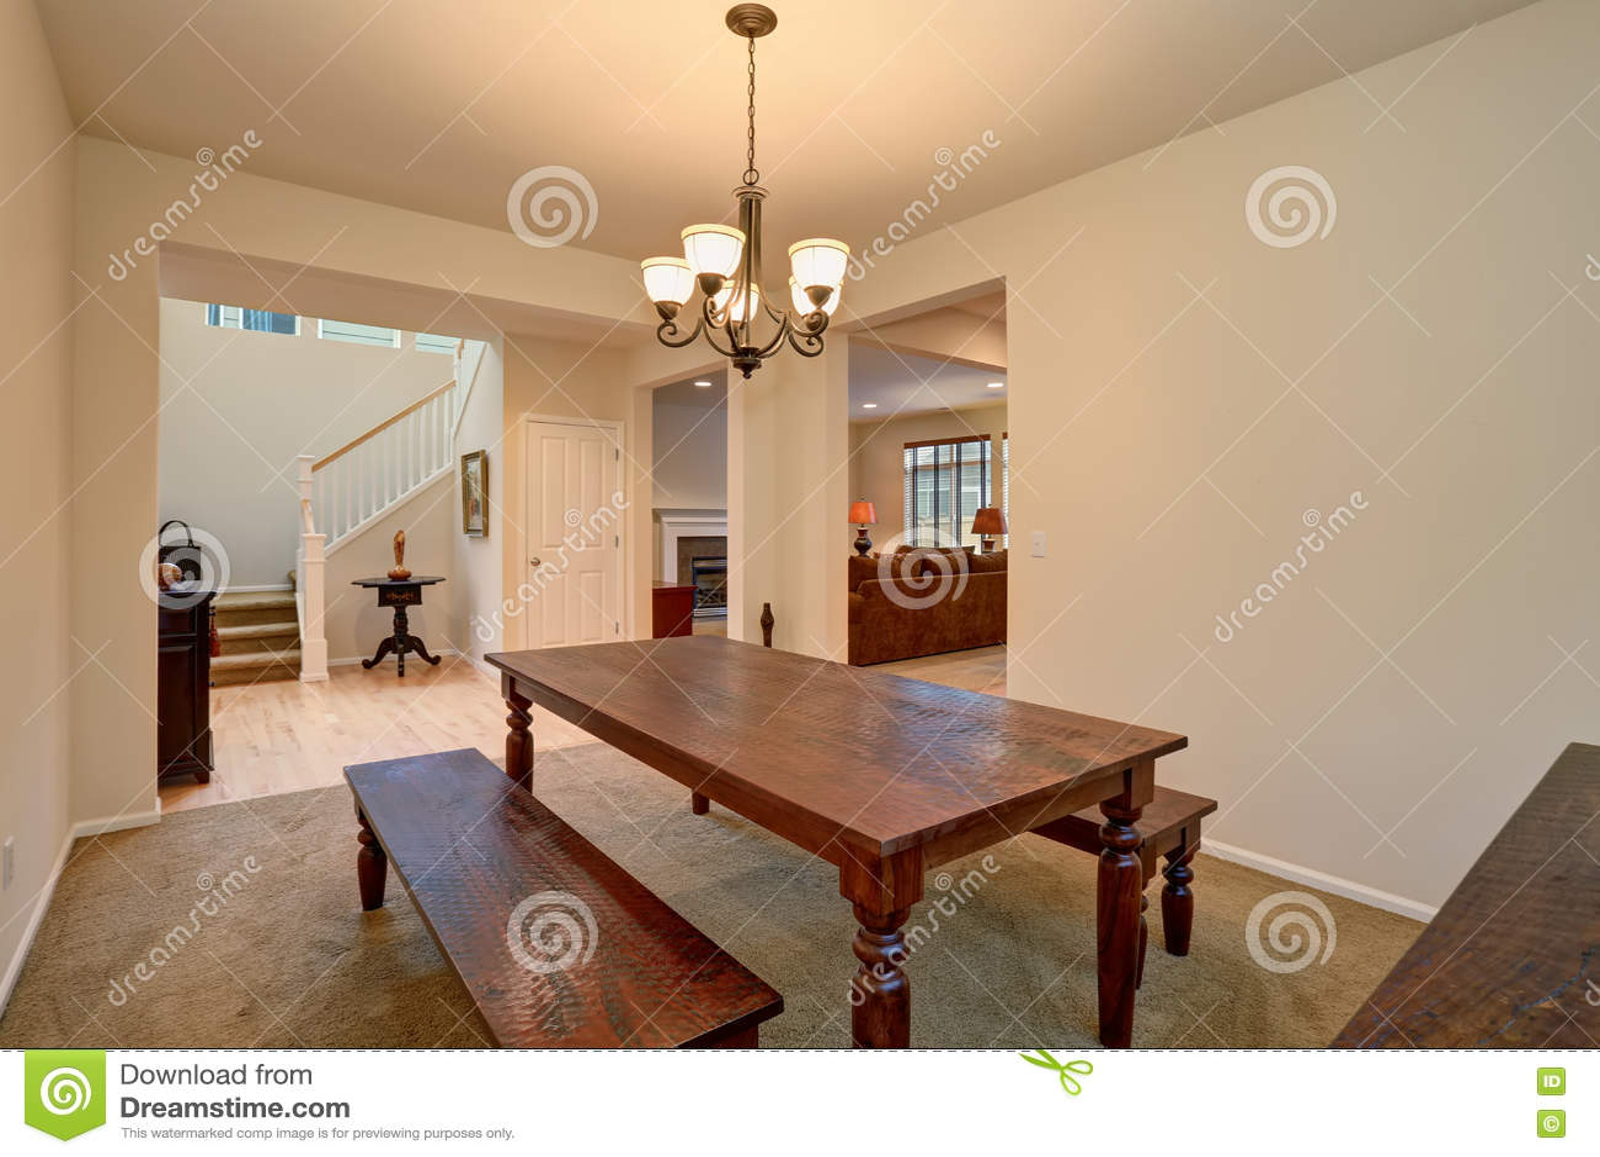 Plan d 39 tage ouvert vue de salle manger avec la table et for Salon salle a manger bois